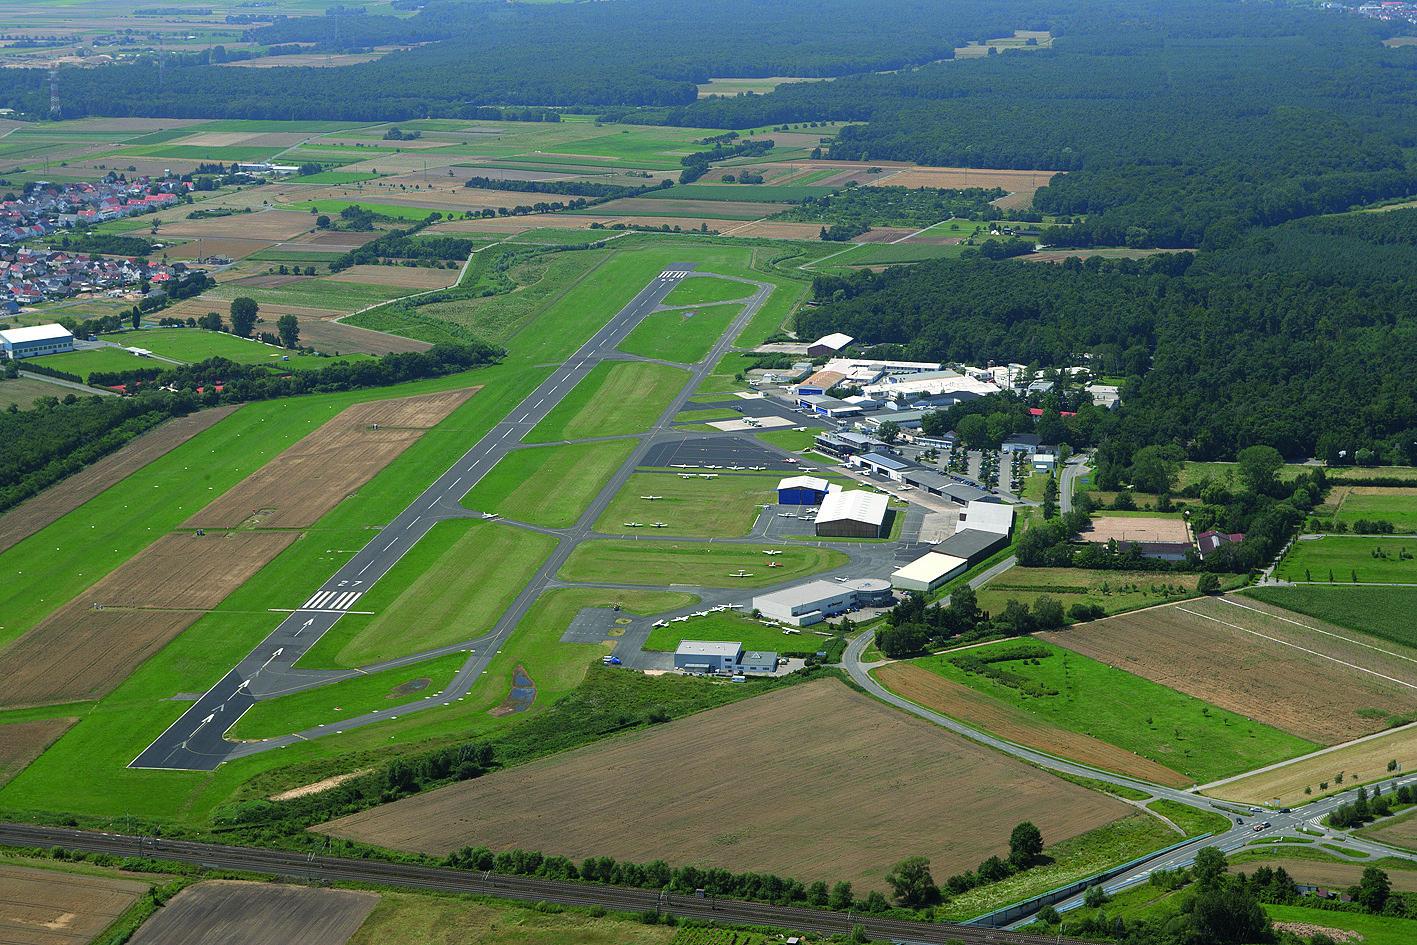 Der Flugplatz Egelsbach liegt südlich von Frankfurt